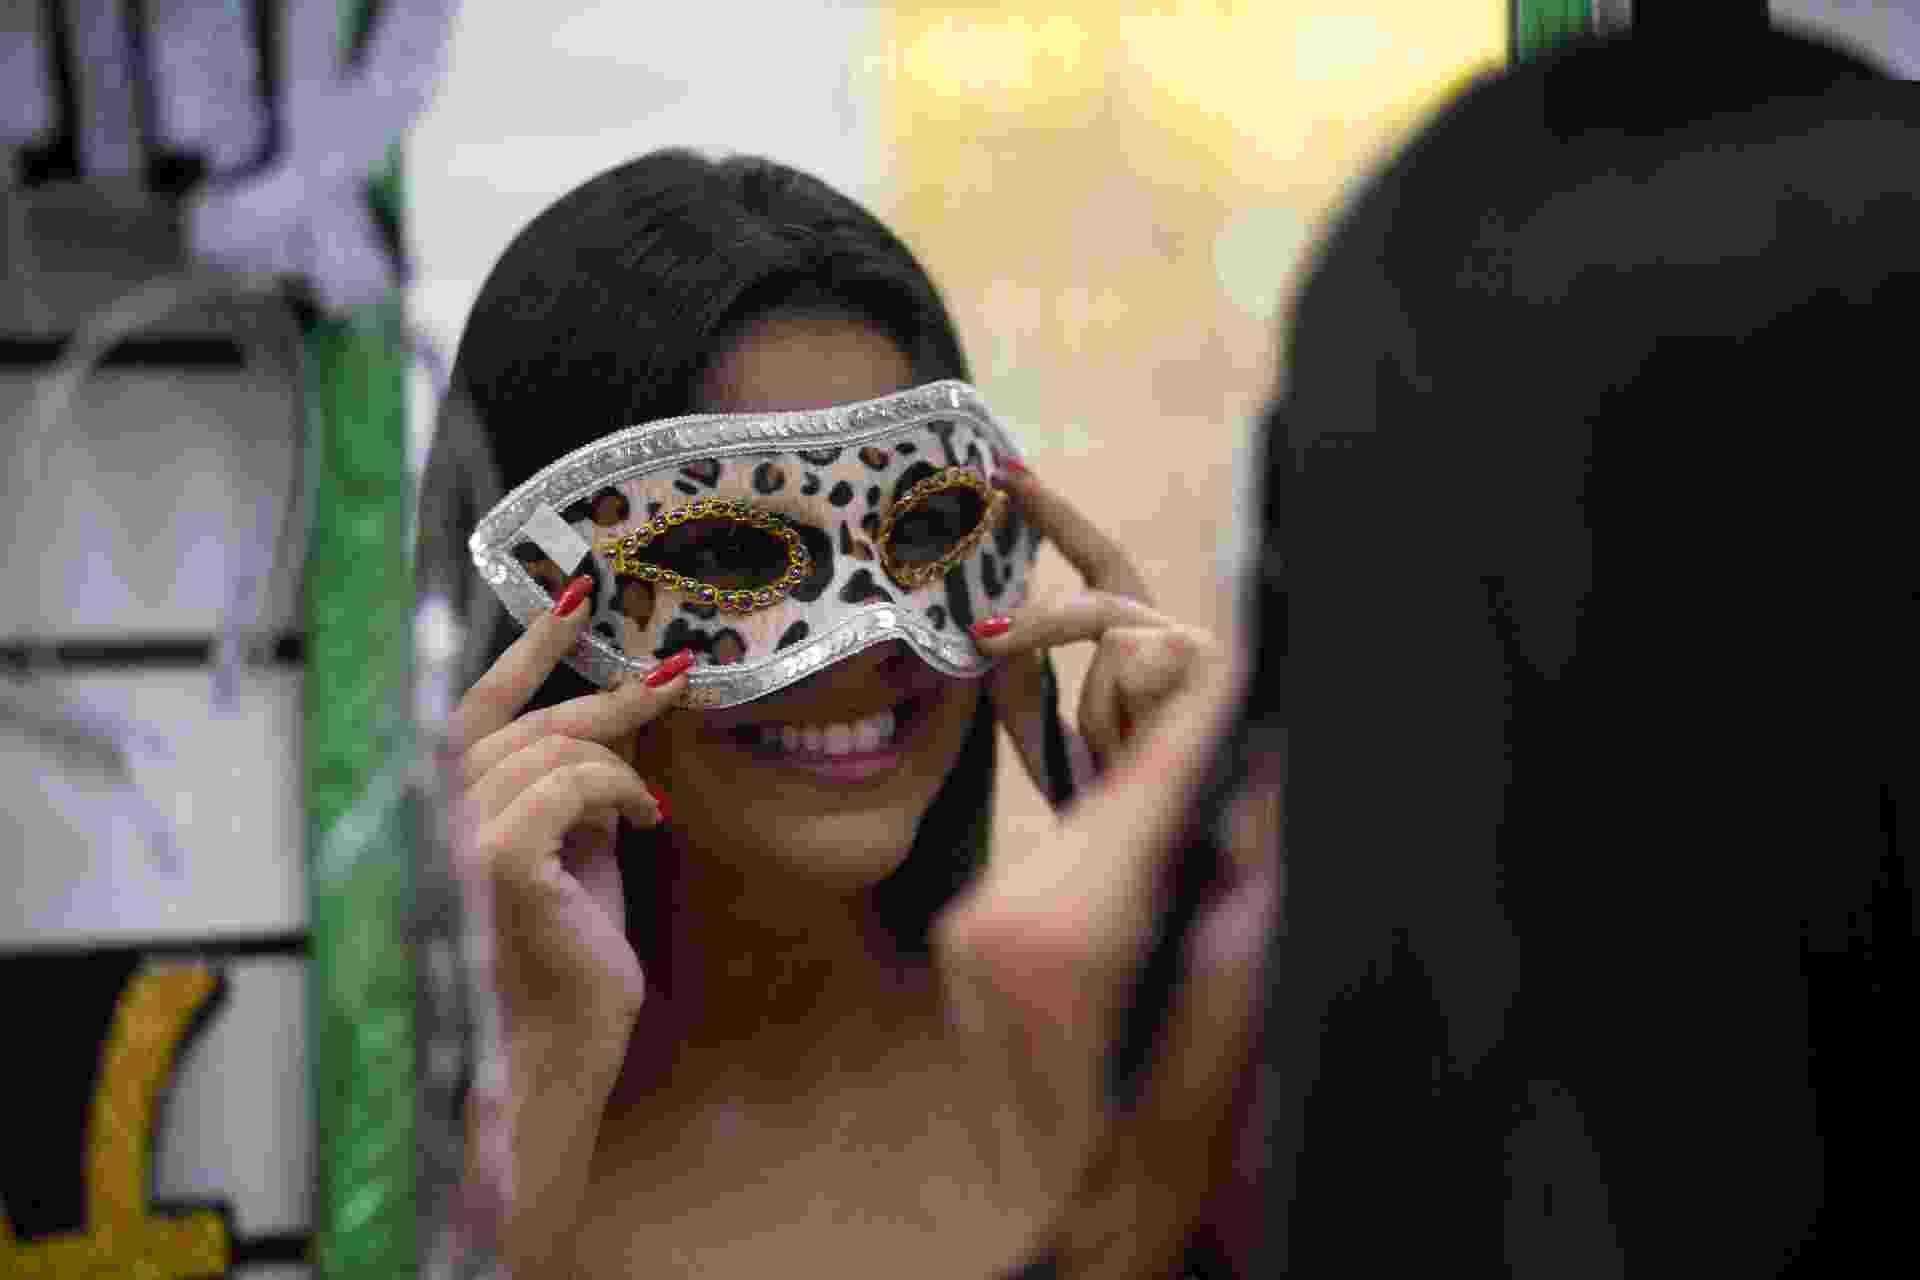 ******INTERNET OUT******* Rio de Janeiro, Rj, BRASIL. 05/01/2020; Fantasias e acessorios no Saara com estampas de animais é tendencia no carnaval deste ano apos a cantora Anitta usar esse tipo de vestimenta em seus shows. ( Foto: Ricardo Borges/UOL) ATENCAO: PROIBIDO PUBLICAR SEM AUTORIZACAO DO UOL - Ricardo Borges/UOL